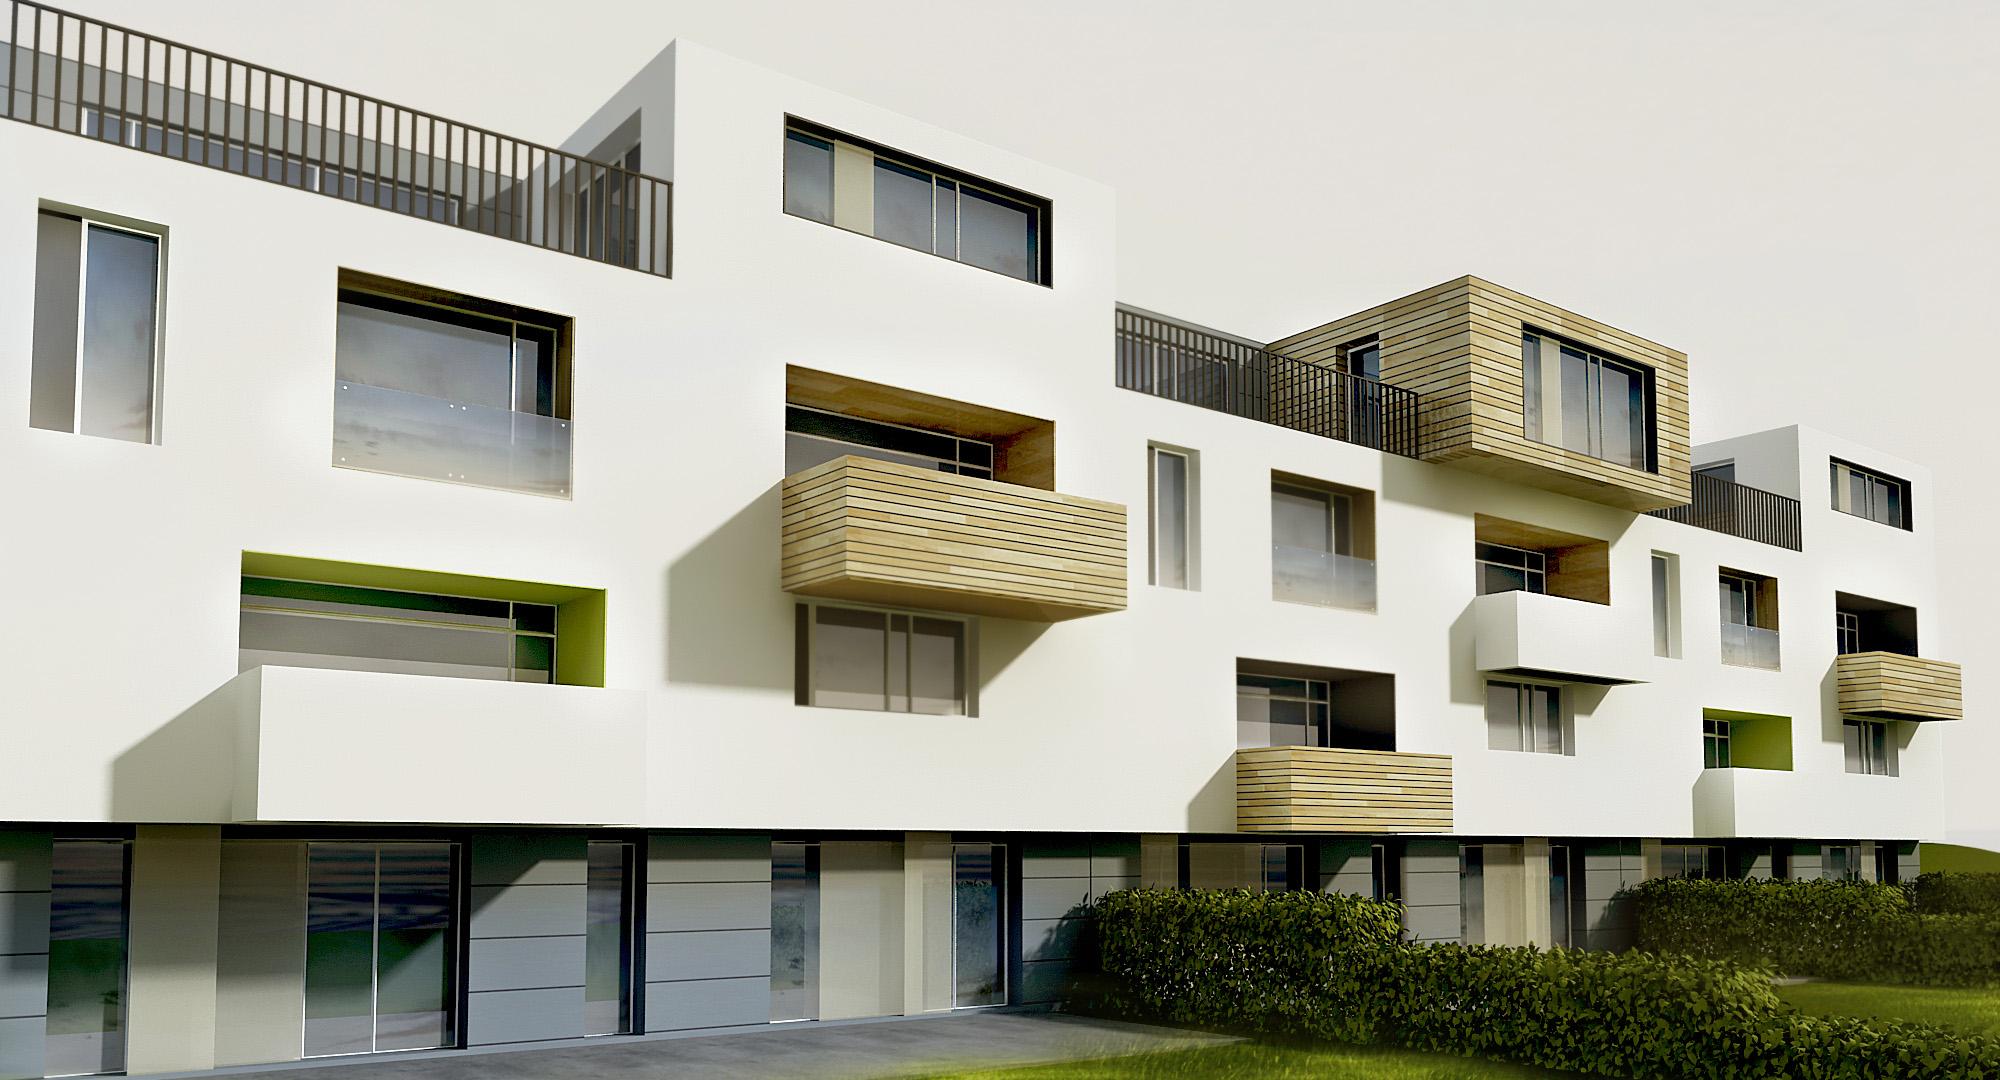 8_Wohnbebauung MFH Würzburg 1